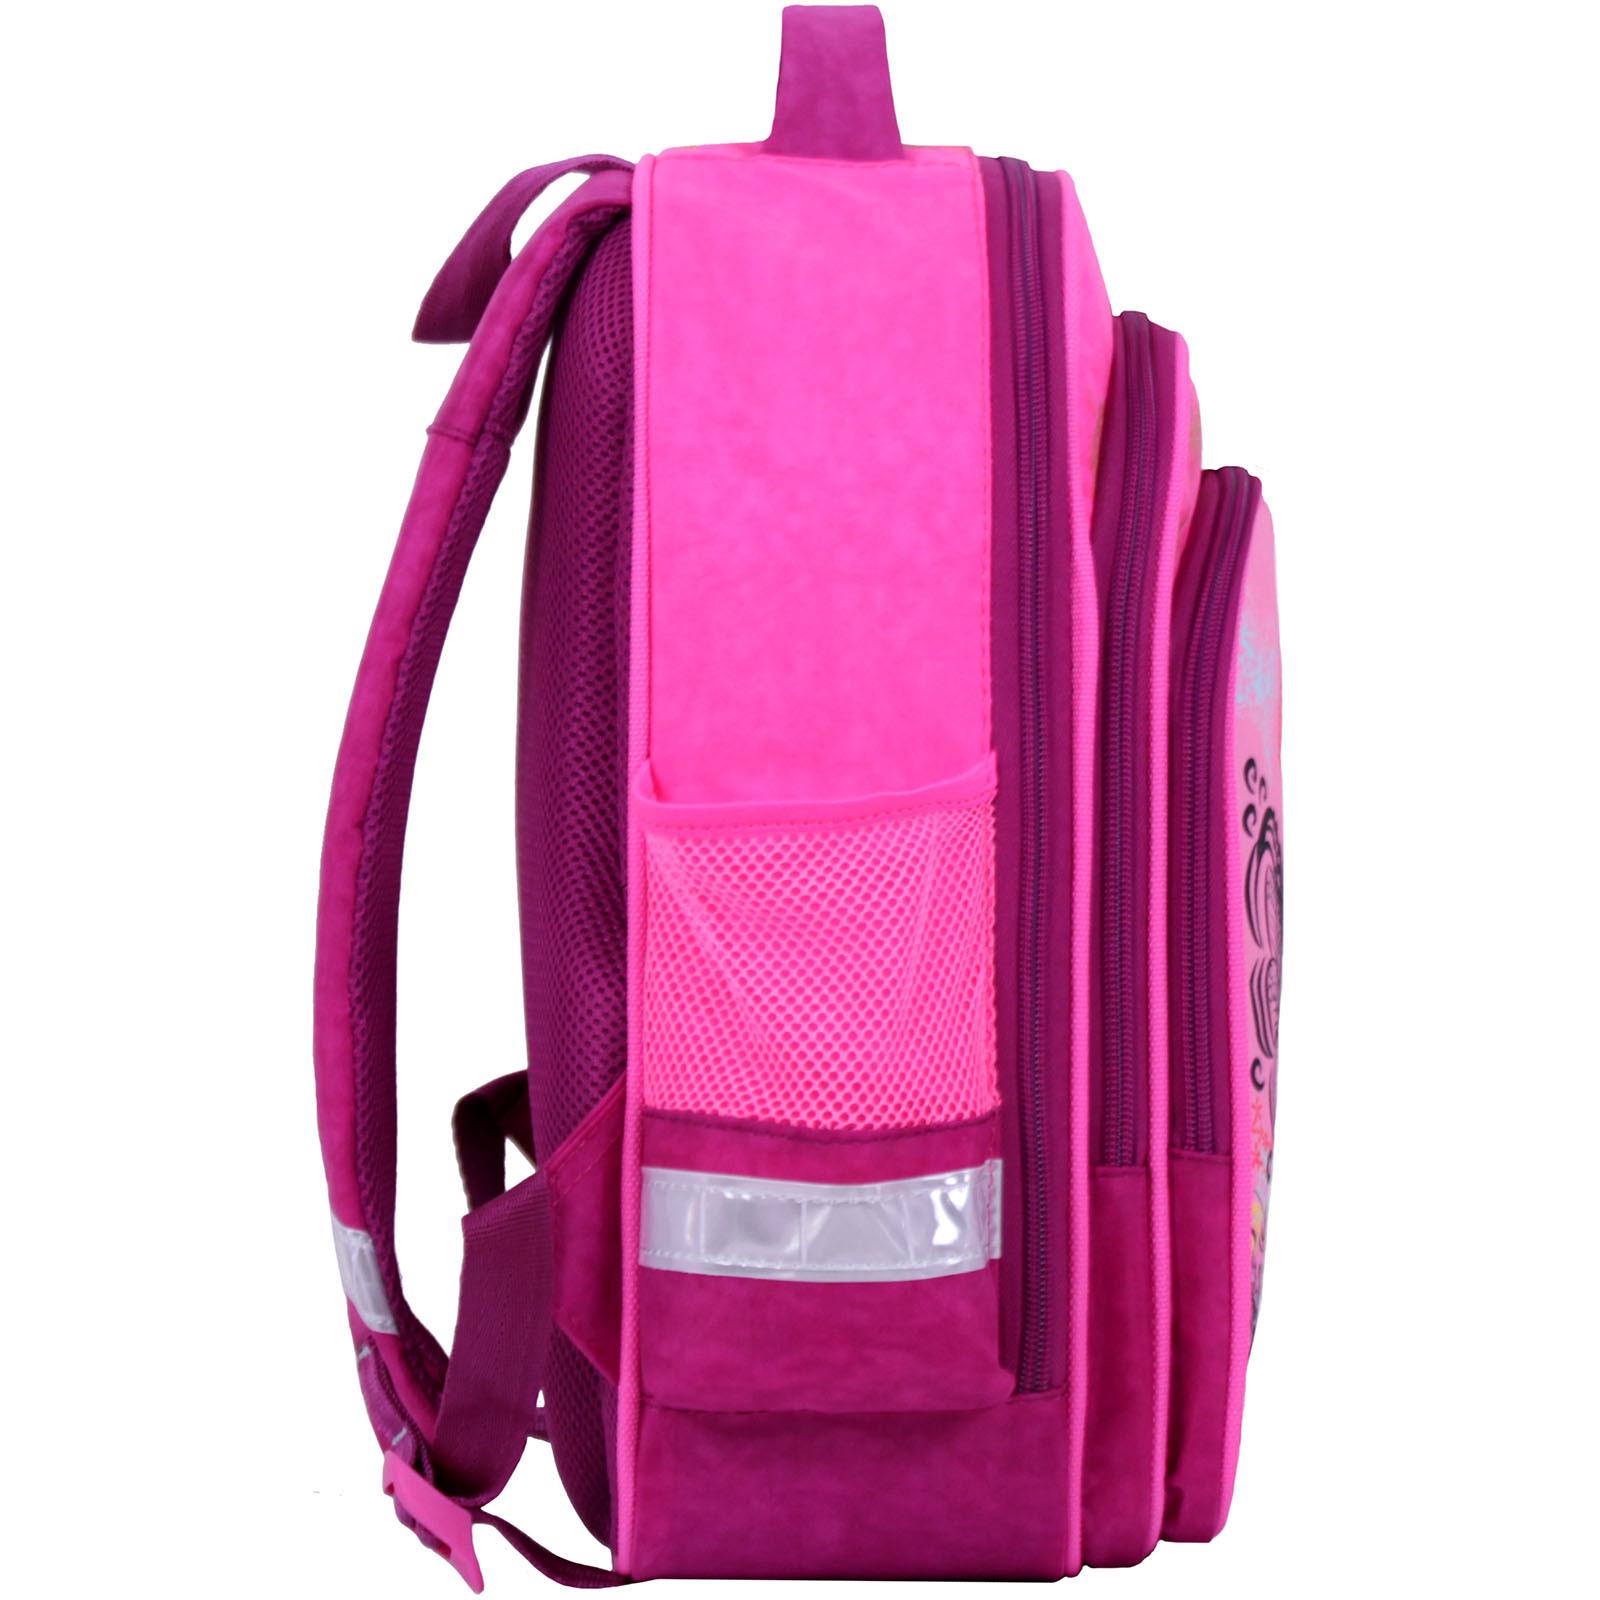 Рюкзак школьный Bagland Mouse 143 малиновый 389 (0051370) фото 3